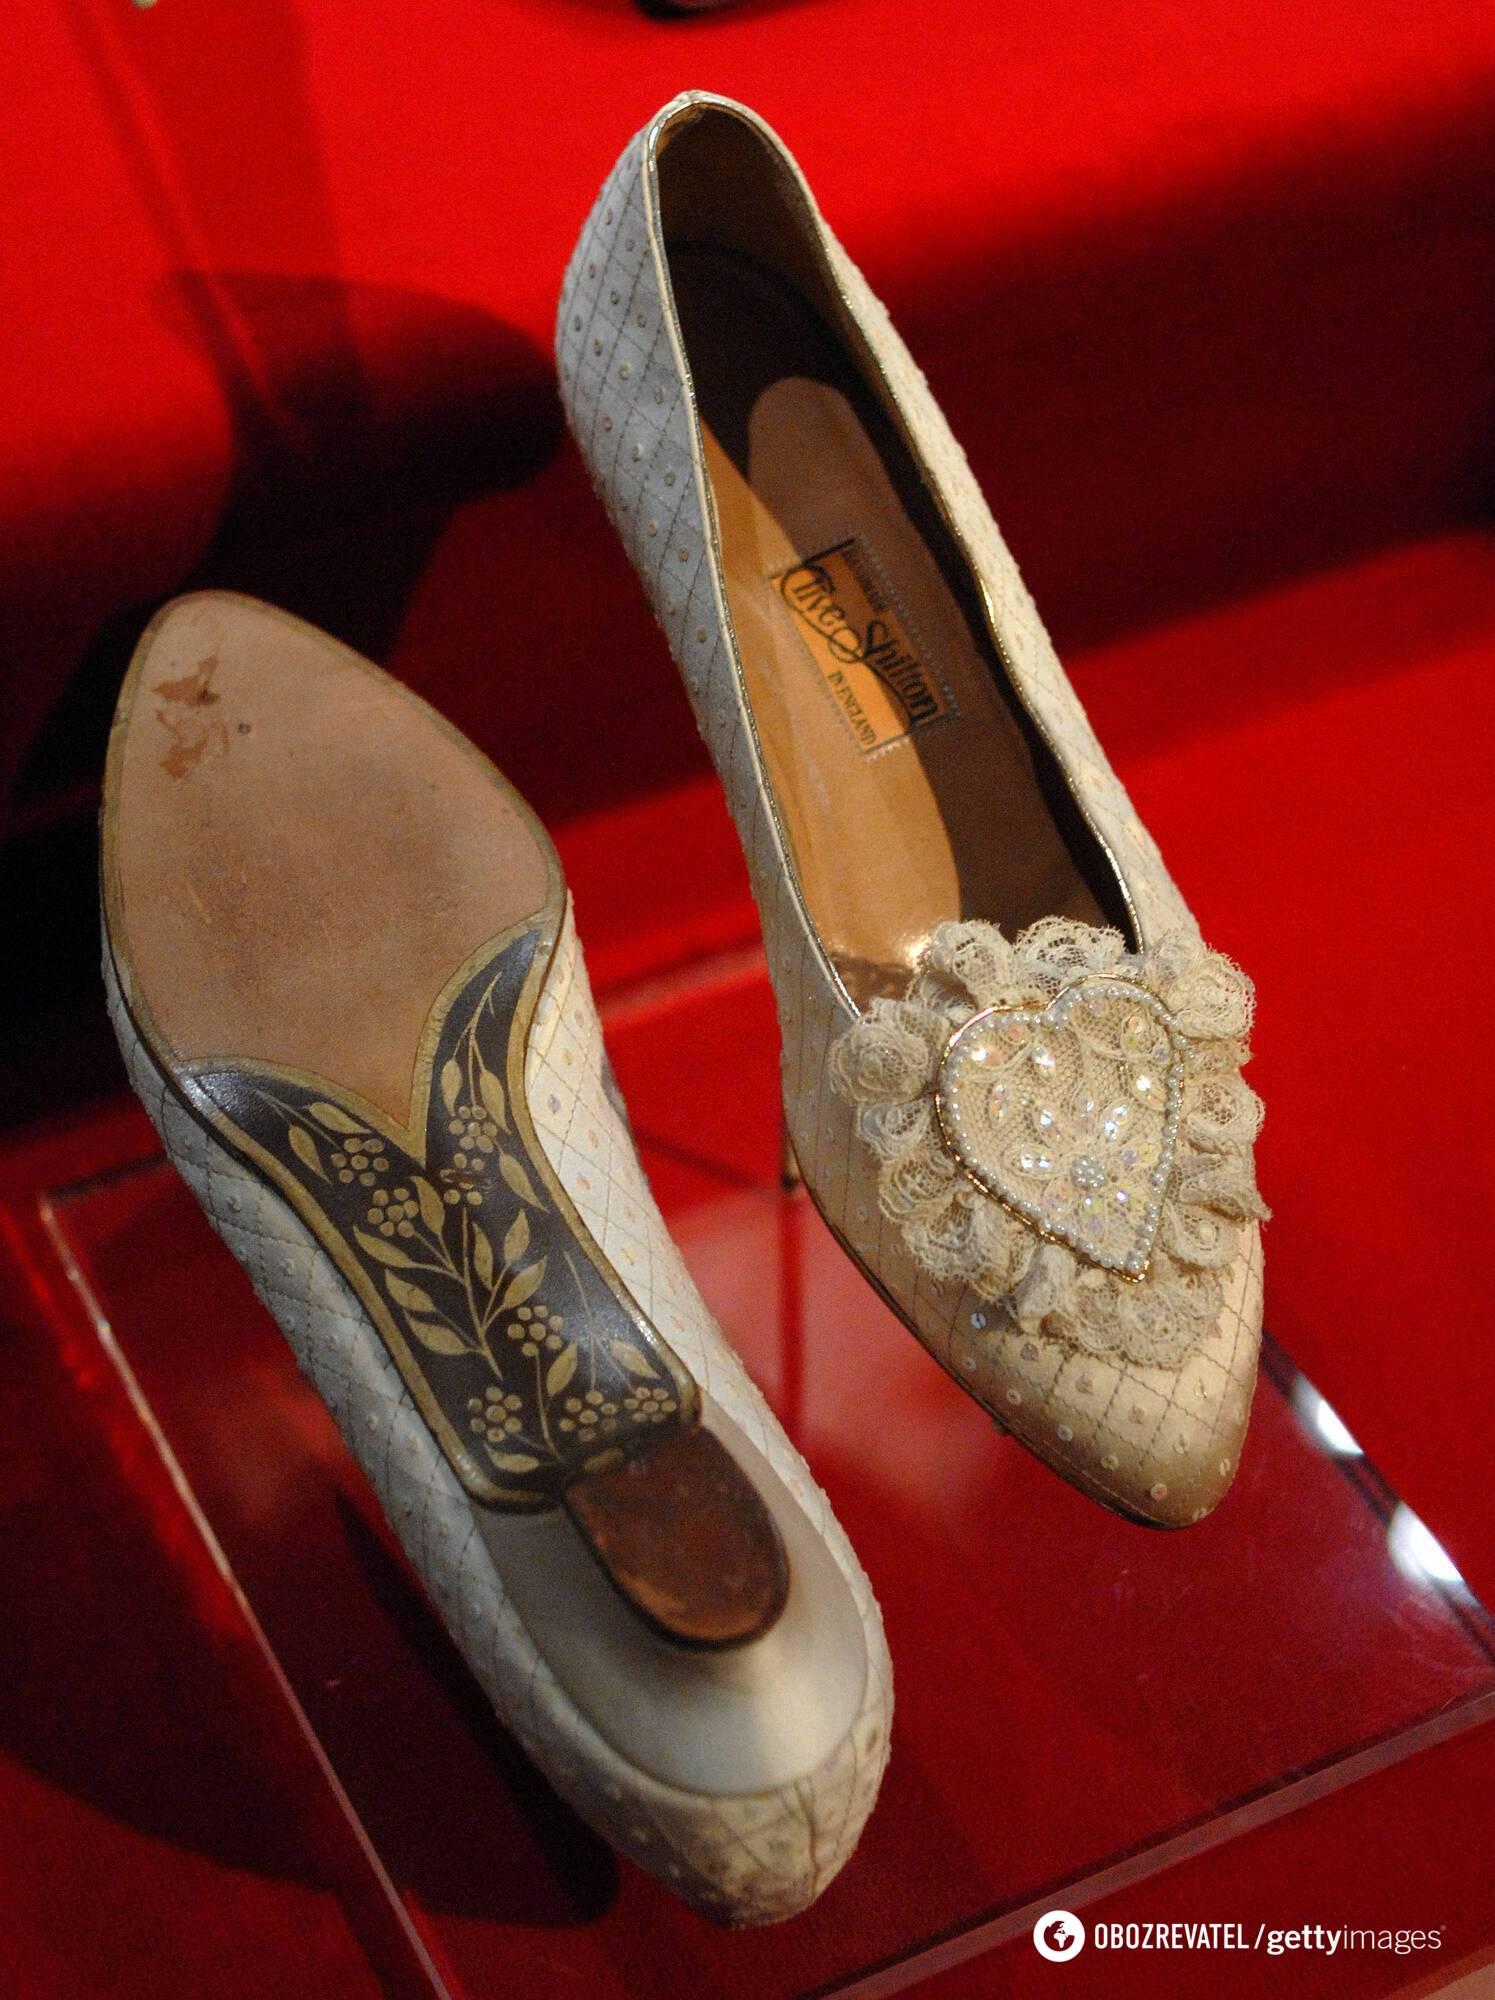 Весільні туфлі принцеси Діани